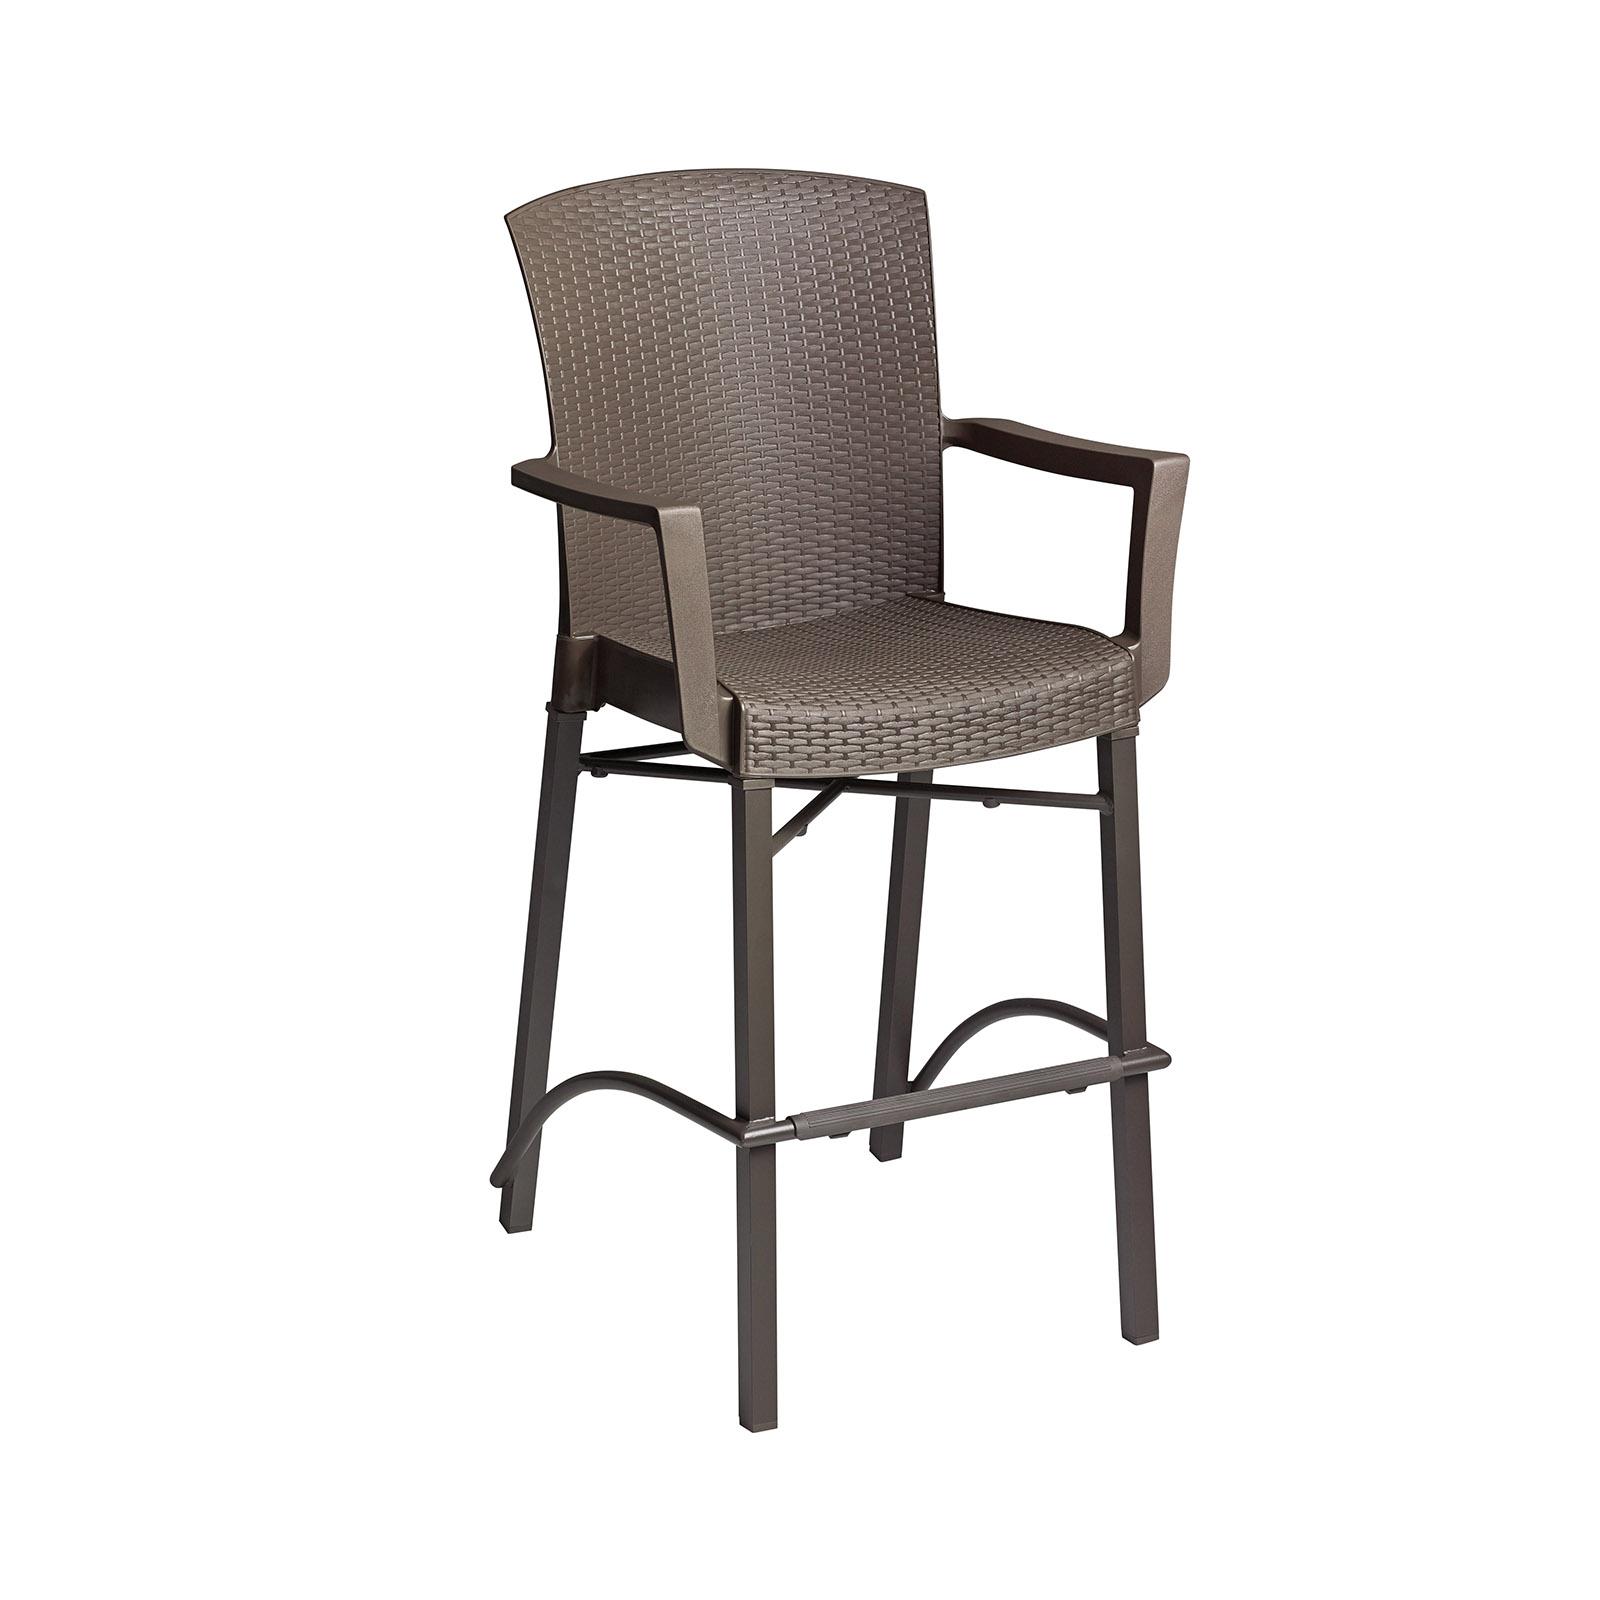 Grosfillex 48260037 bar stool, outdoor